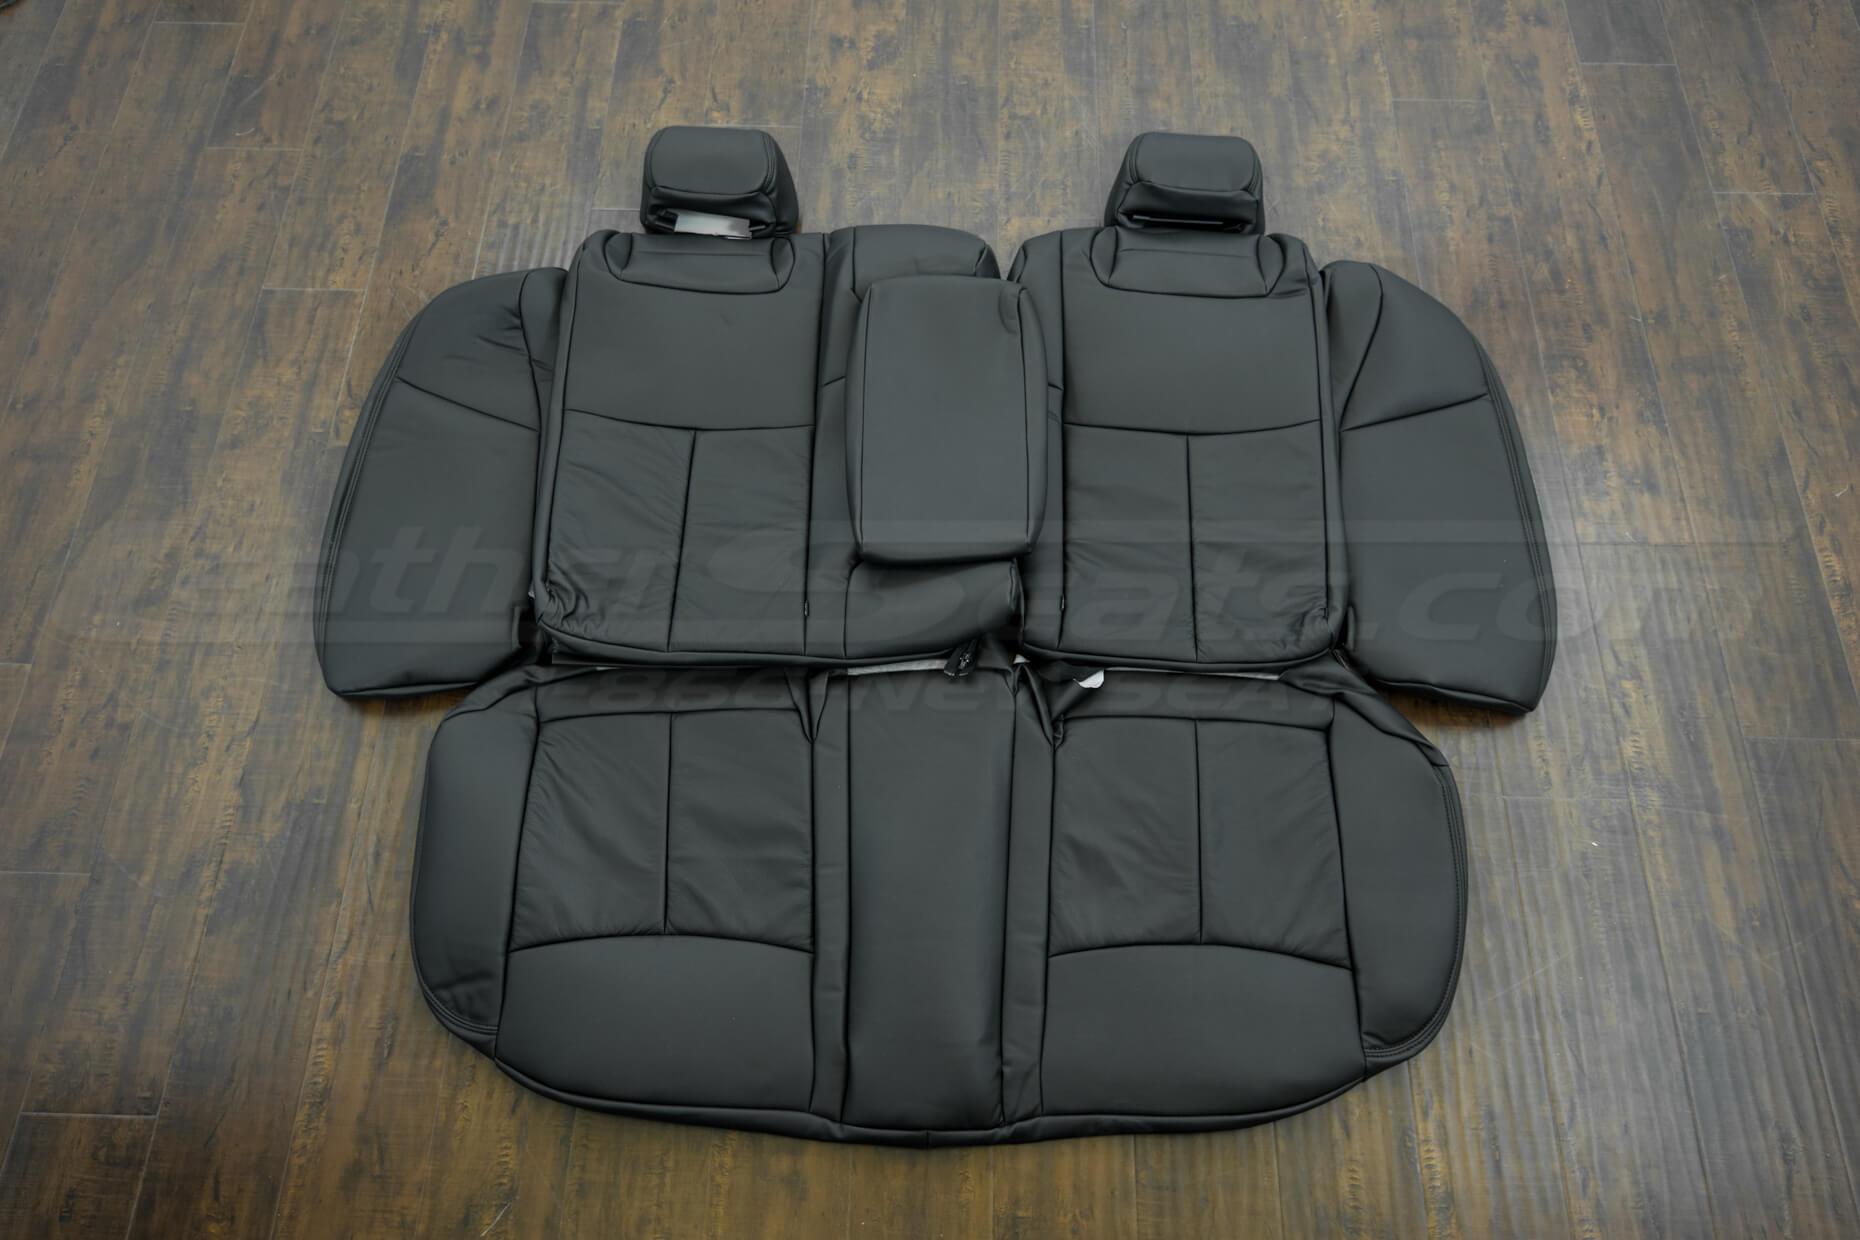 2009-2014 Nissan Maxima Upholstery kit- black- rear seats